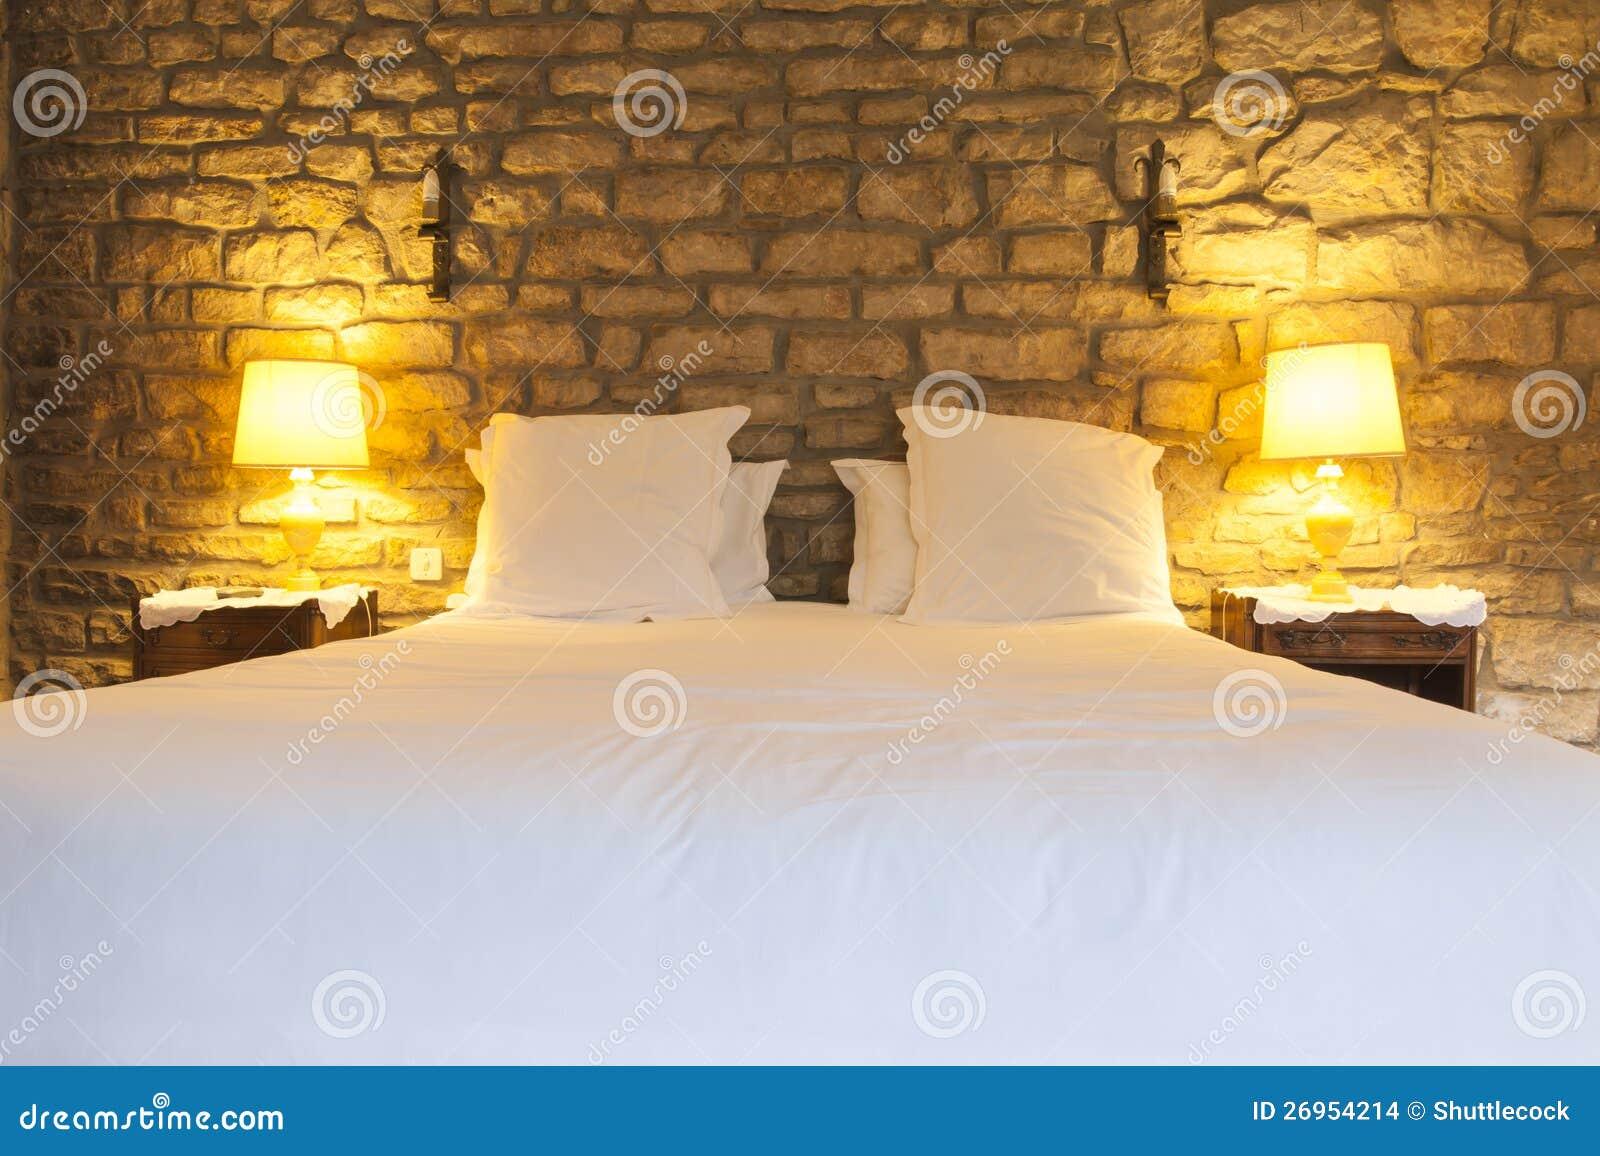 da letto disegno Camera Rustica : Camera da letto rustica dellhotel con una base graduata grande regina ...